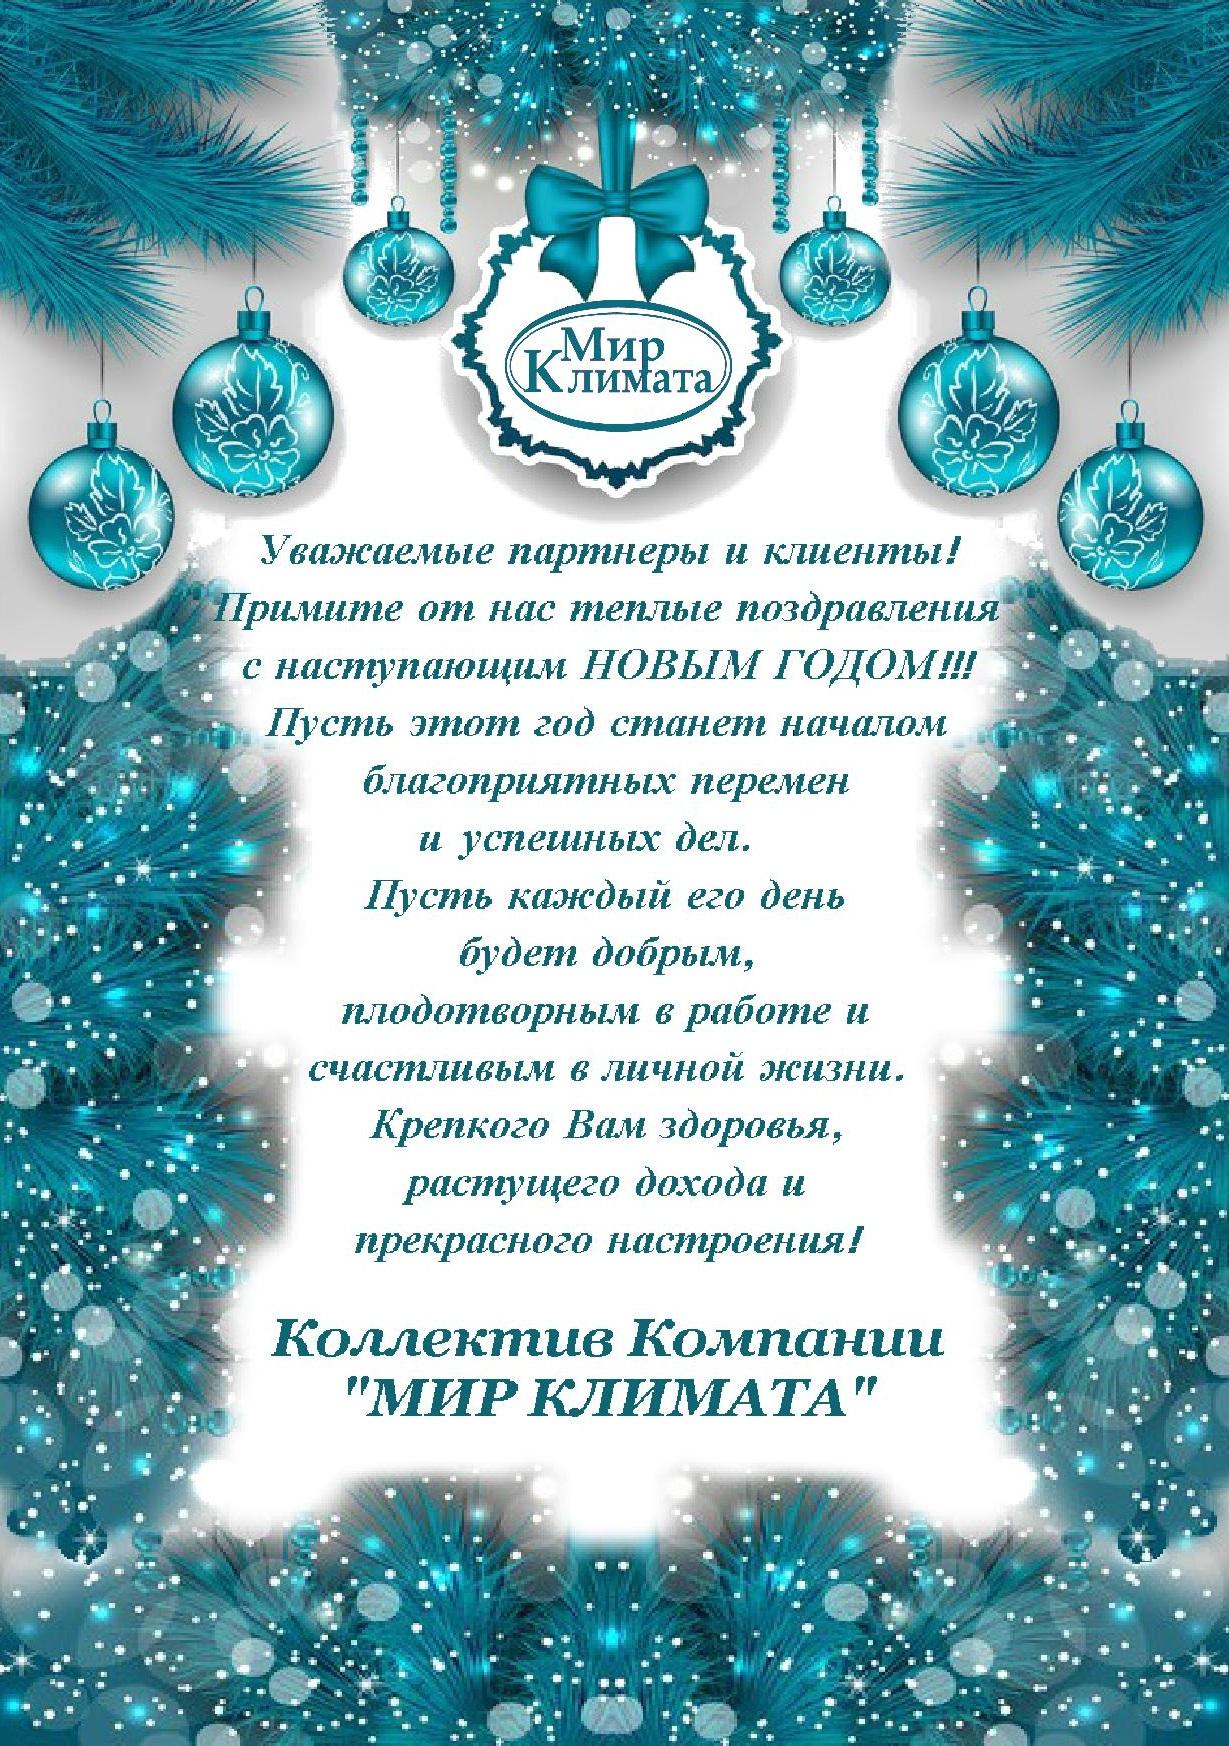 С новым 2017 годом все поздравляет Мир Климата Воронеж.